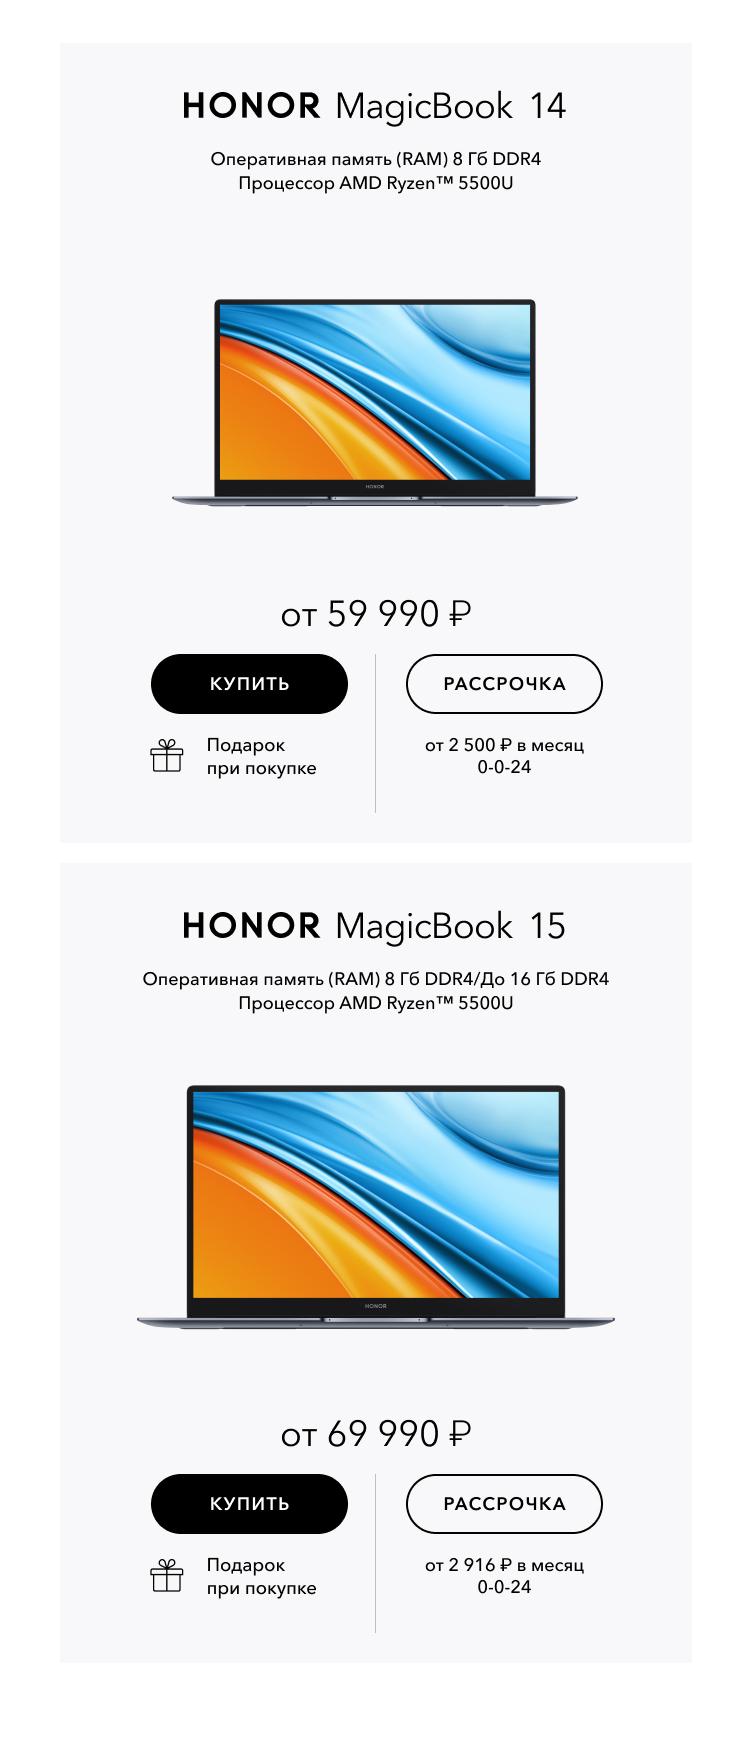 HONOR MagicBook 14. Оперативная память (RAM) 8 Гб DDR4/До 16 Гб DDR4 Процессор AMD Ryzen 5 5500U. От 59 990 ₽. HONOR MagicBook 15. Оперативная память (RAM) 8 Гб DDR4/До 16 Гб DDR4 Процессор AMD Ryzen 5 5500U. От 69 990 ₽.